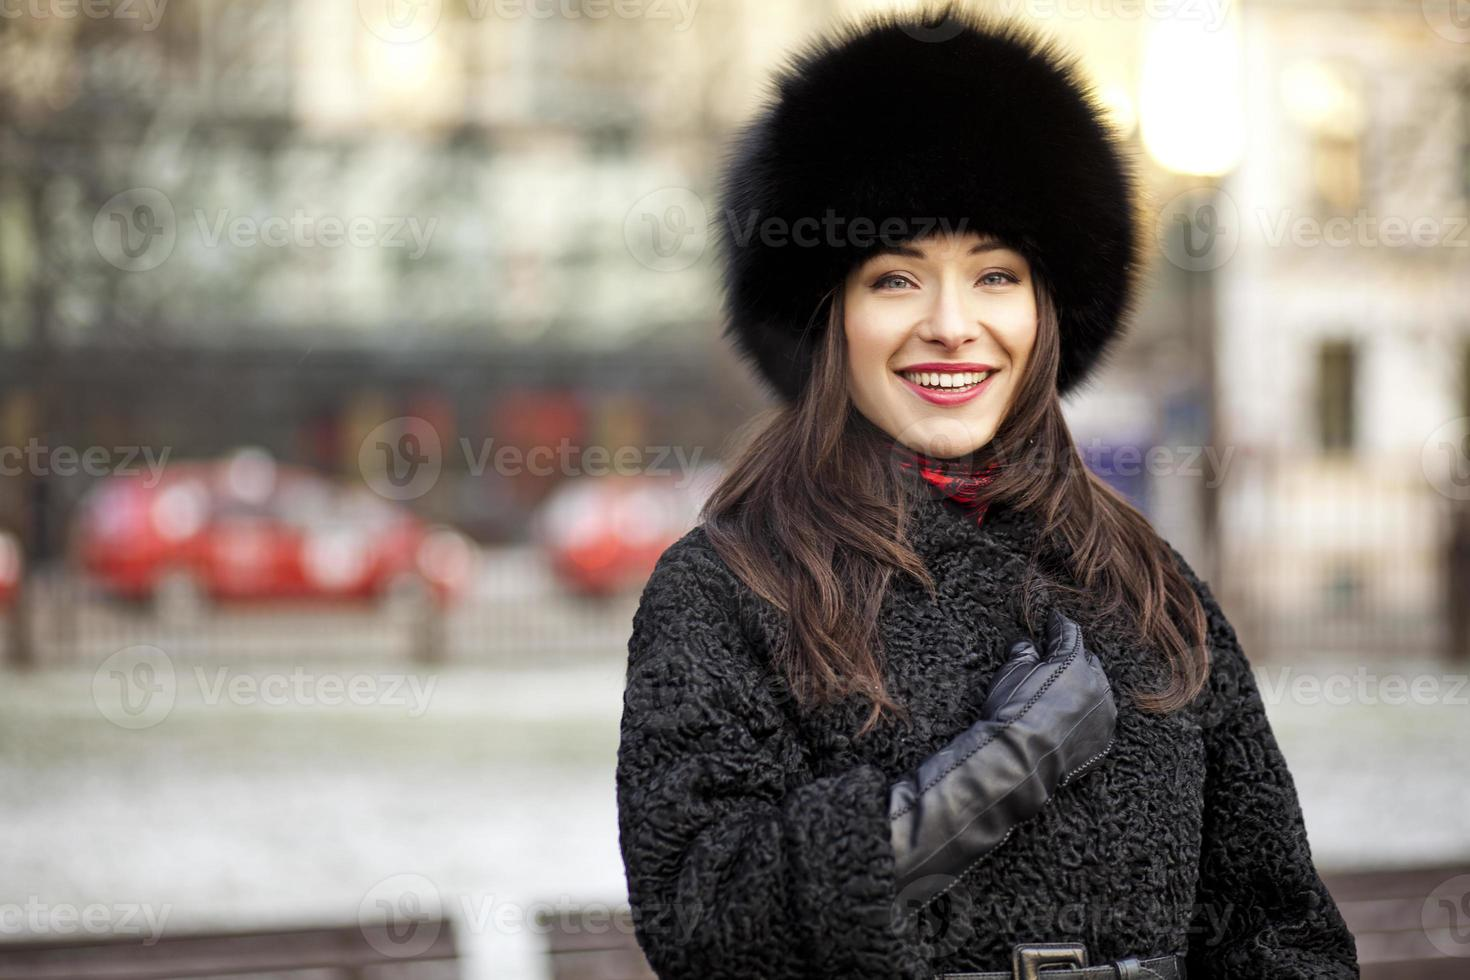 ragazza invernale positiva foto